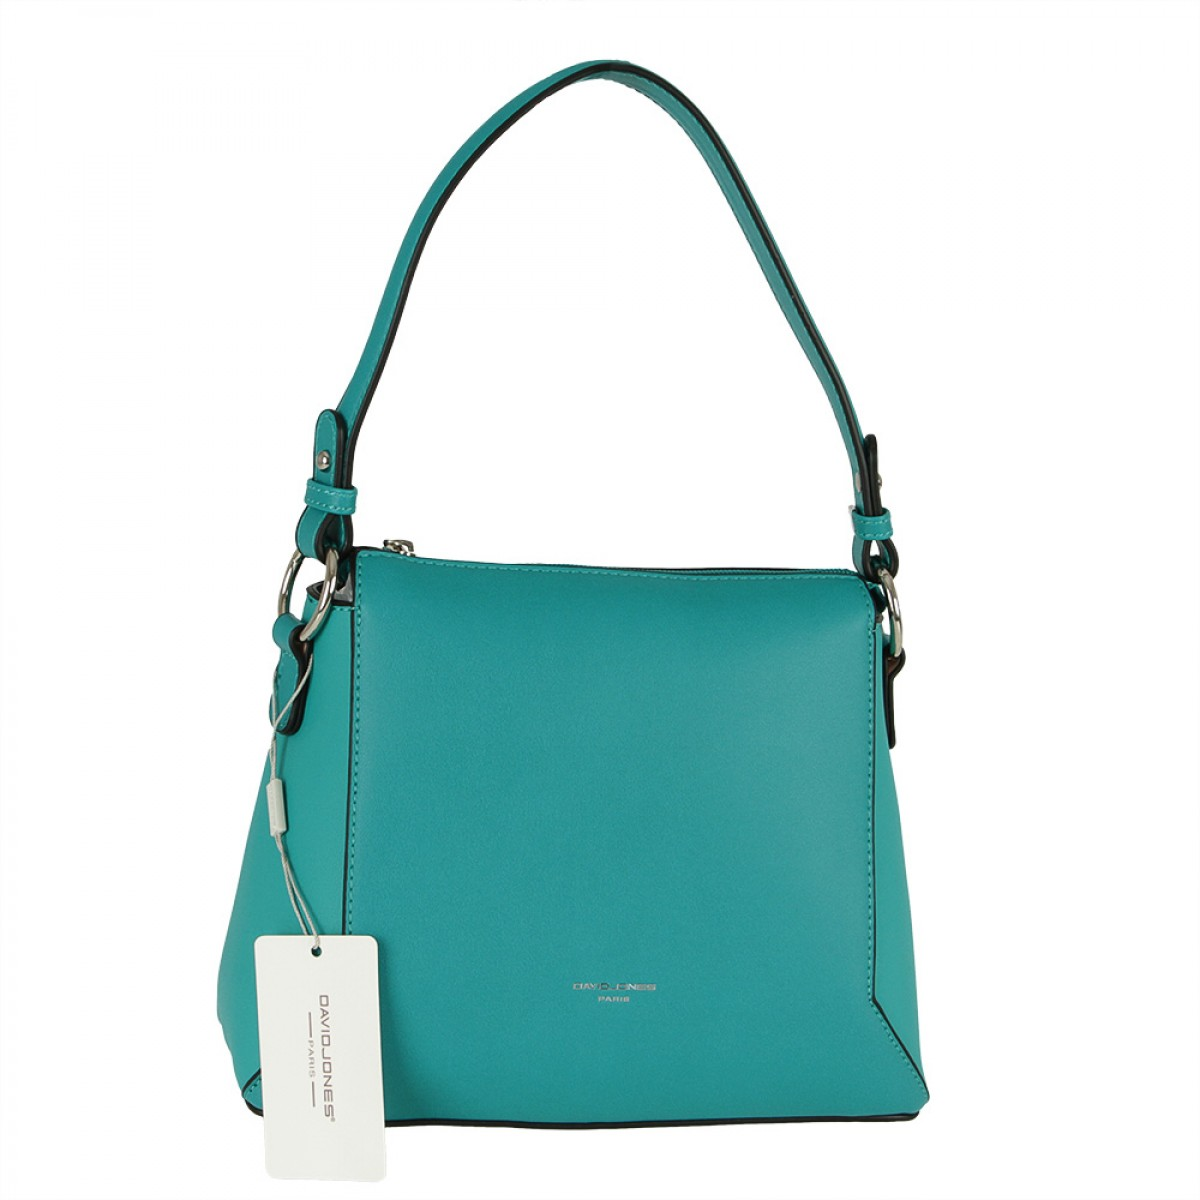 Жіноча сумка David Jones 6255-1 TURQUOISE